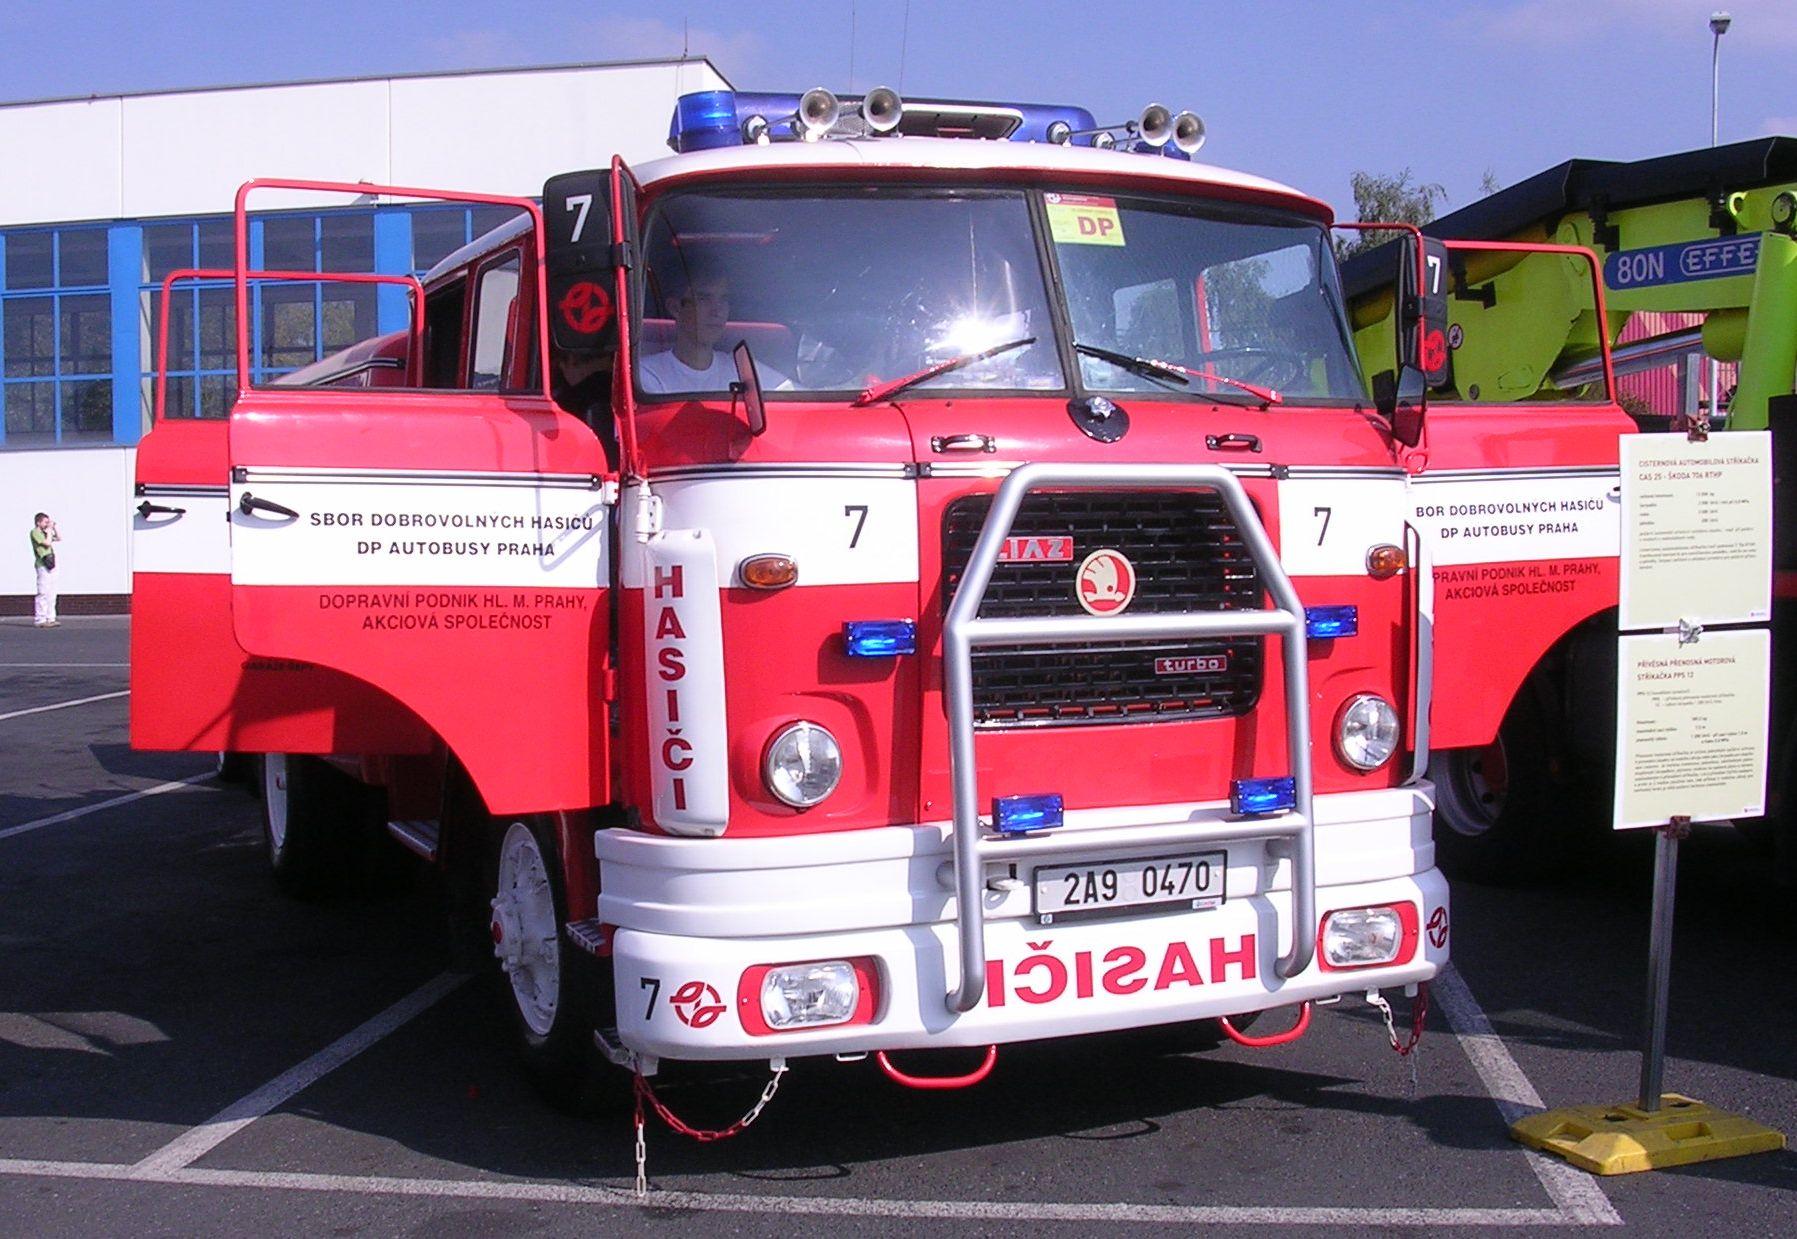 File:DOD Řepy, hasičské vozidlo SDH DP.jpg